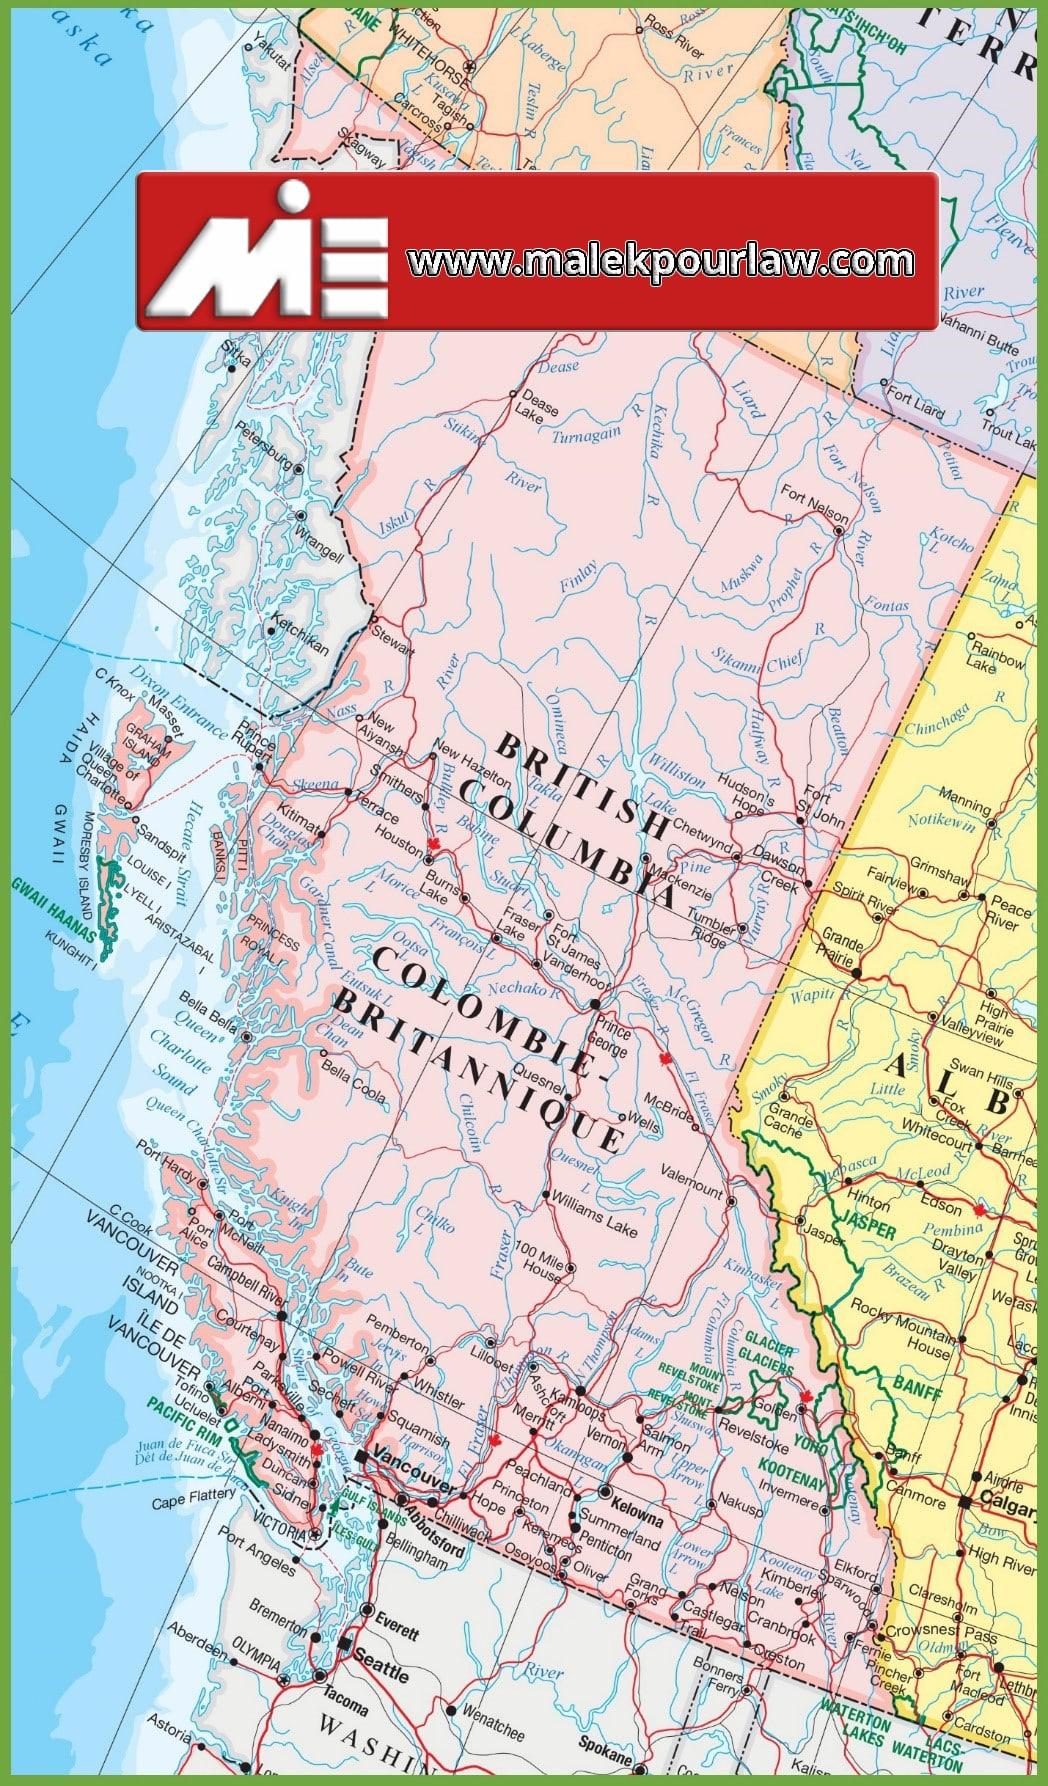 بریتیش کلمبیا - ایالت بریتیش کلمبیا - نقشه بریتیش کلمبیا - بریتیش کلمبیا کجاست؟ - سرمایه گذاری در بریتیش کلمبیا